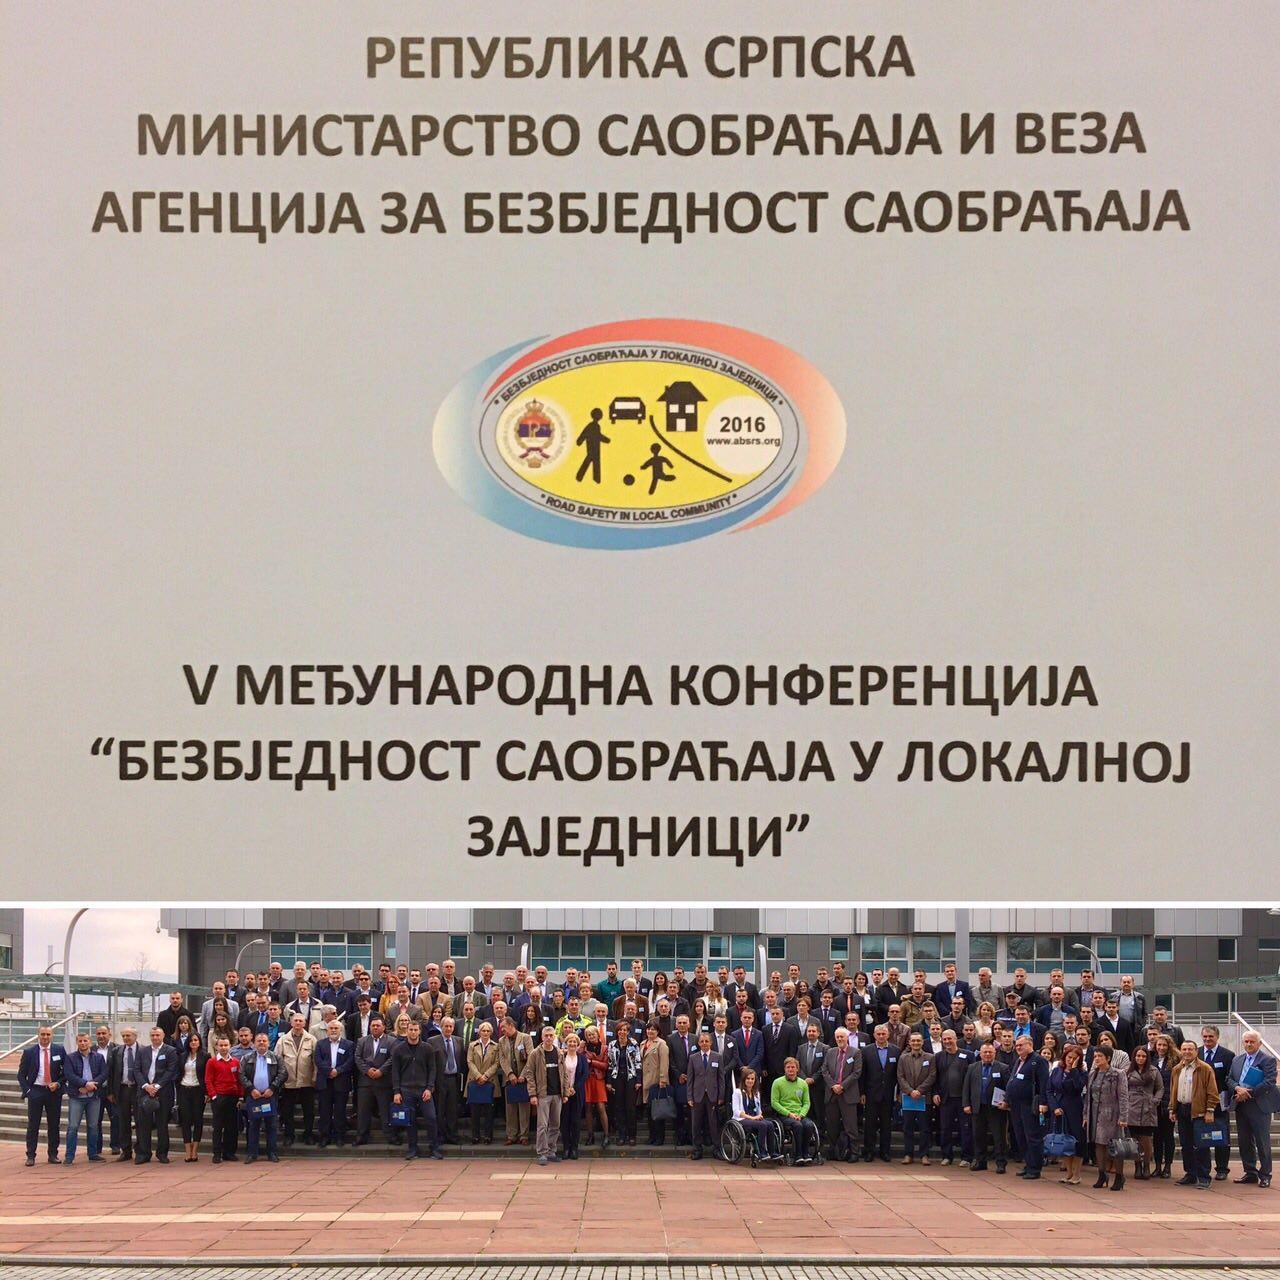 """Закључци са V Међународне конфернције """"Безбједност саобраћаја у локалној заједници"""""""